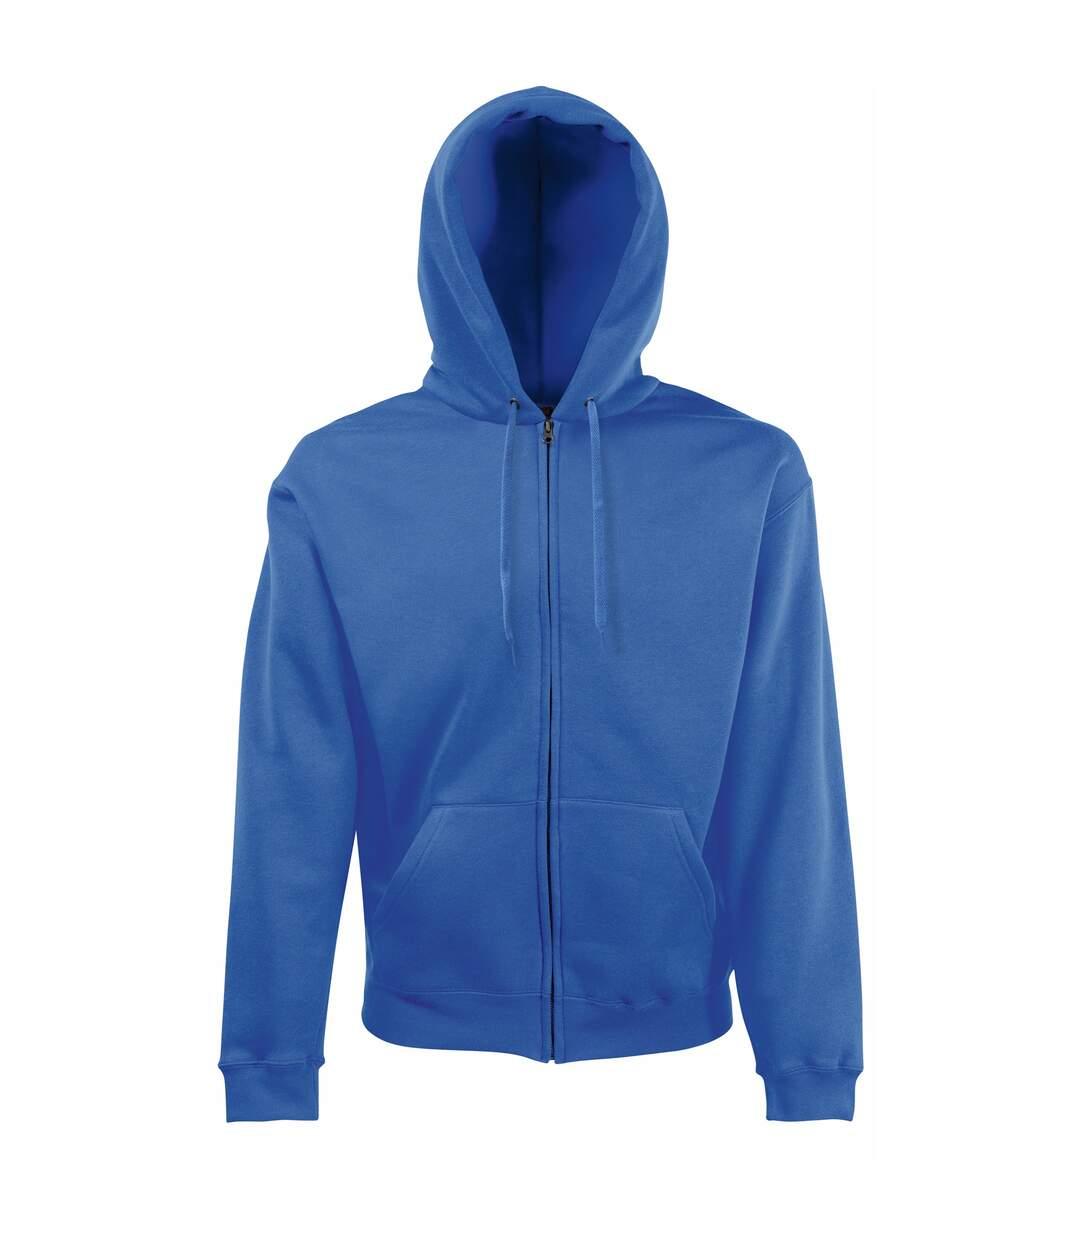 Fruit Of The Loom Mens Premium 70/30 Hooded Zip-Up Sweatshirt / Hoodie (Black) - UTRW3161